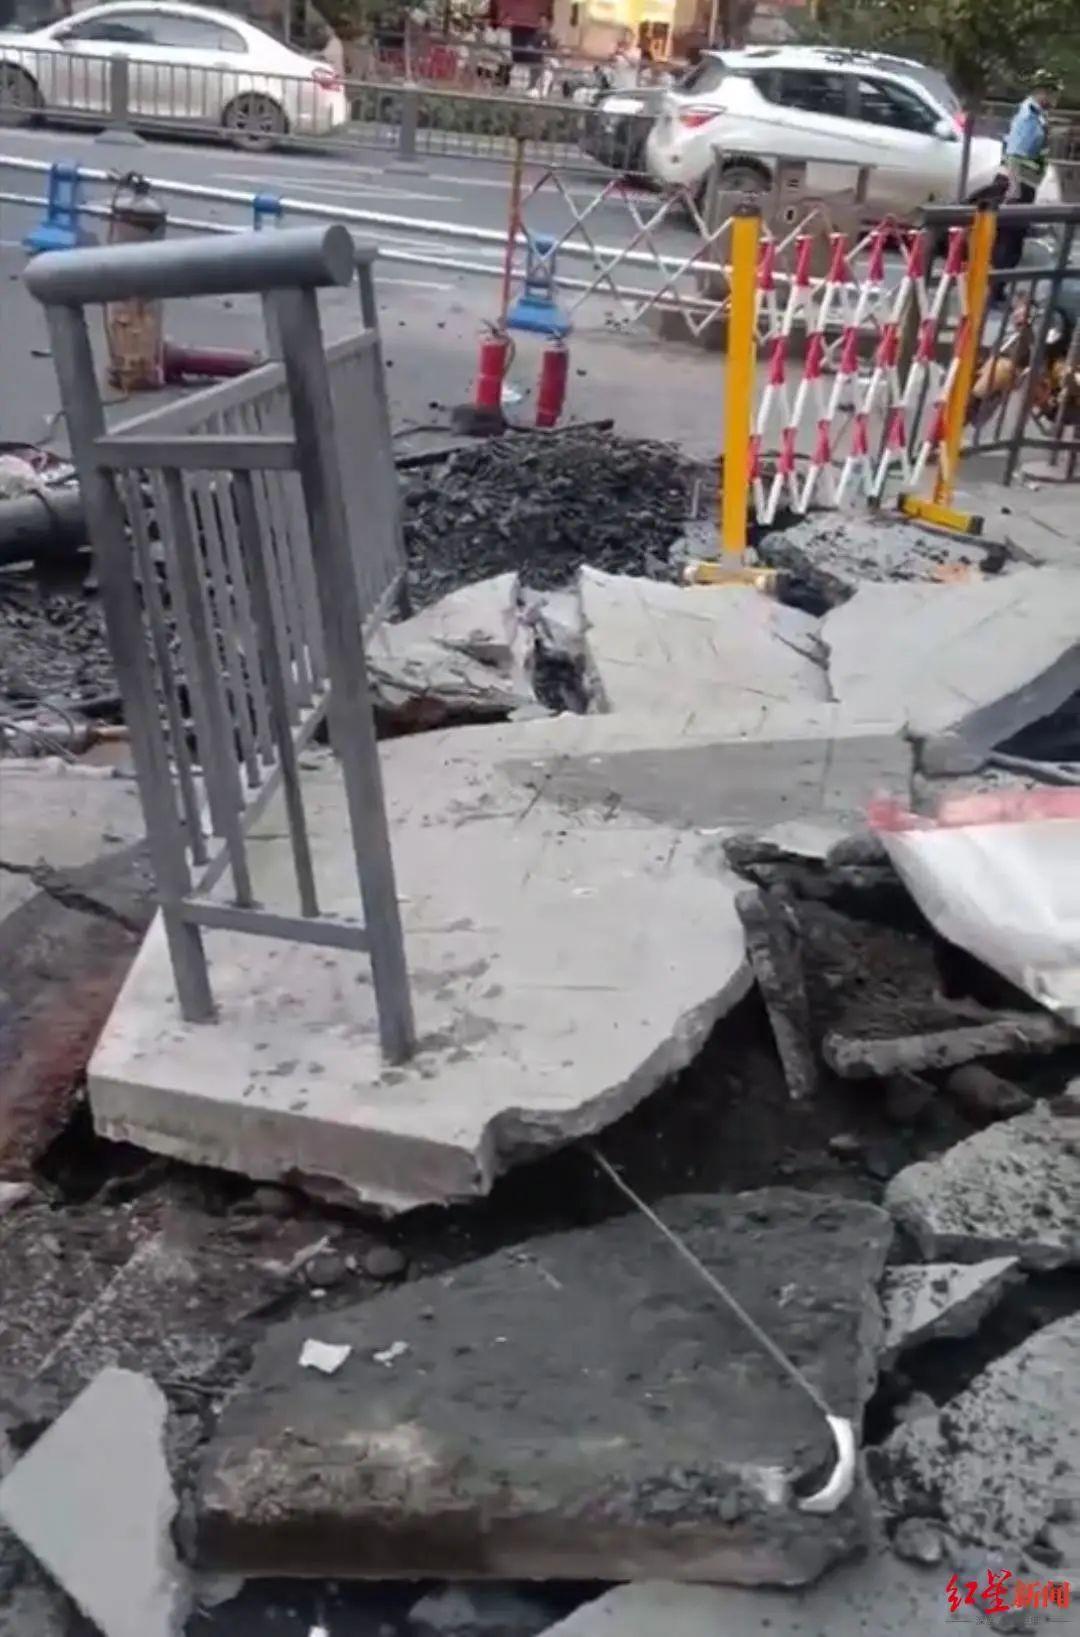 乐山某燃气抢修发生爆炸?初步判断是污水井甲烷爆炸